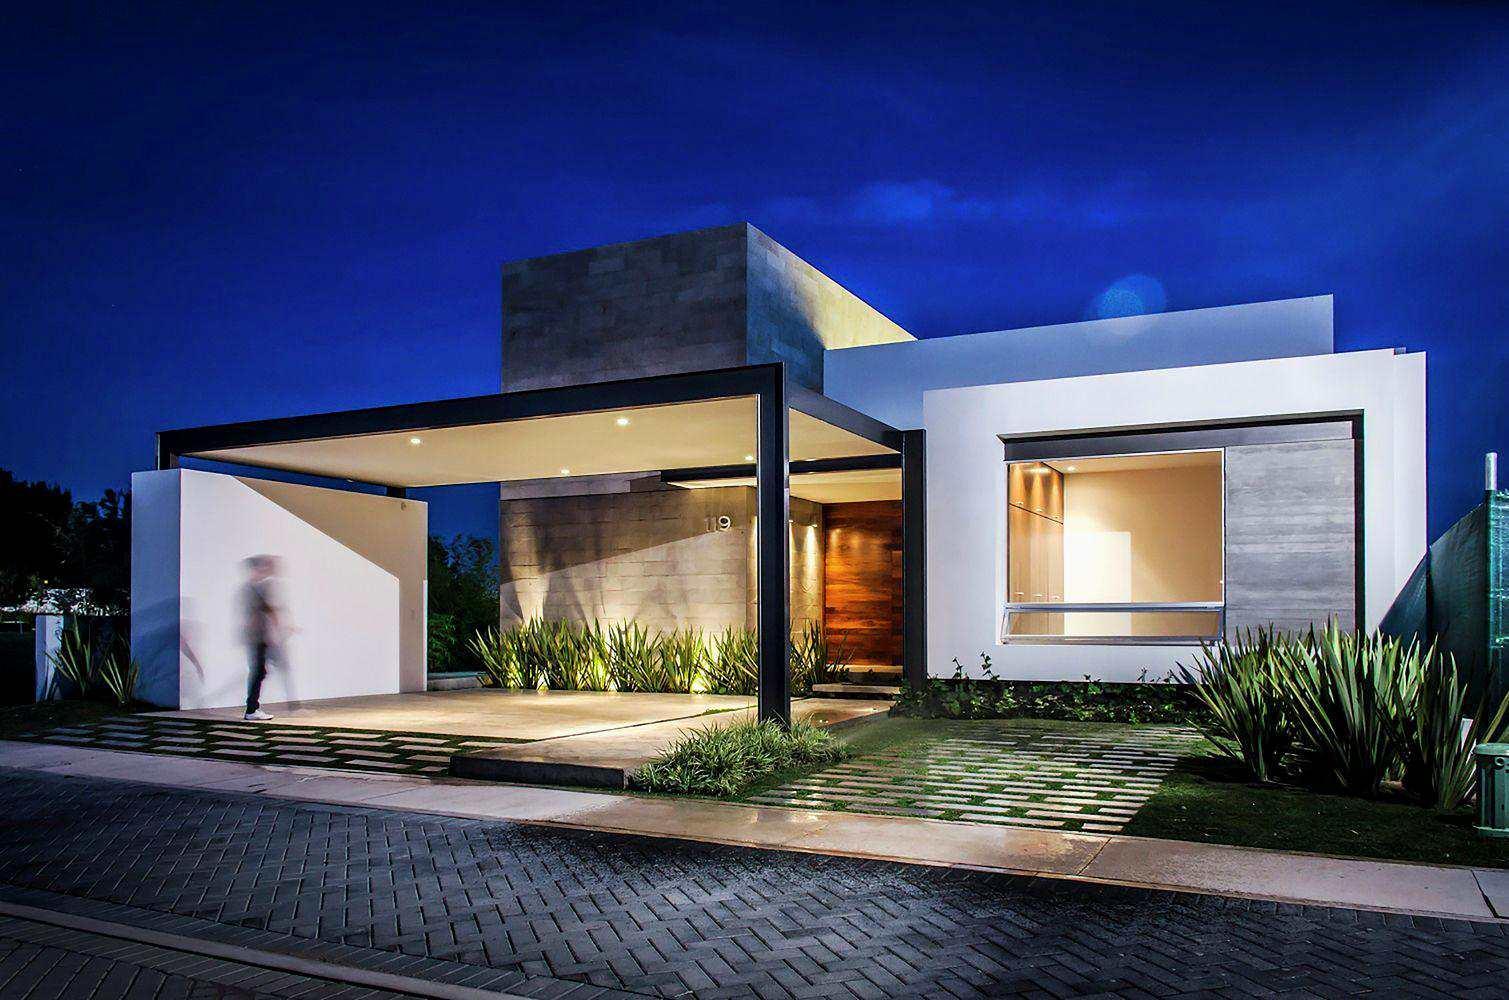 Casa de Condomínio com 2 dorms, Tupiry, Praia Grande - R$ 9.99 mi, Cod: 6